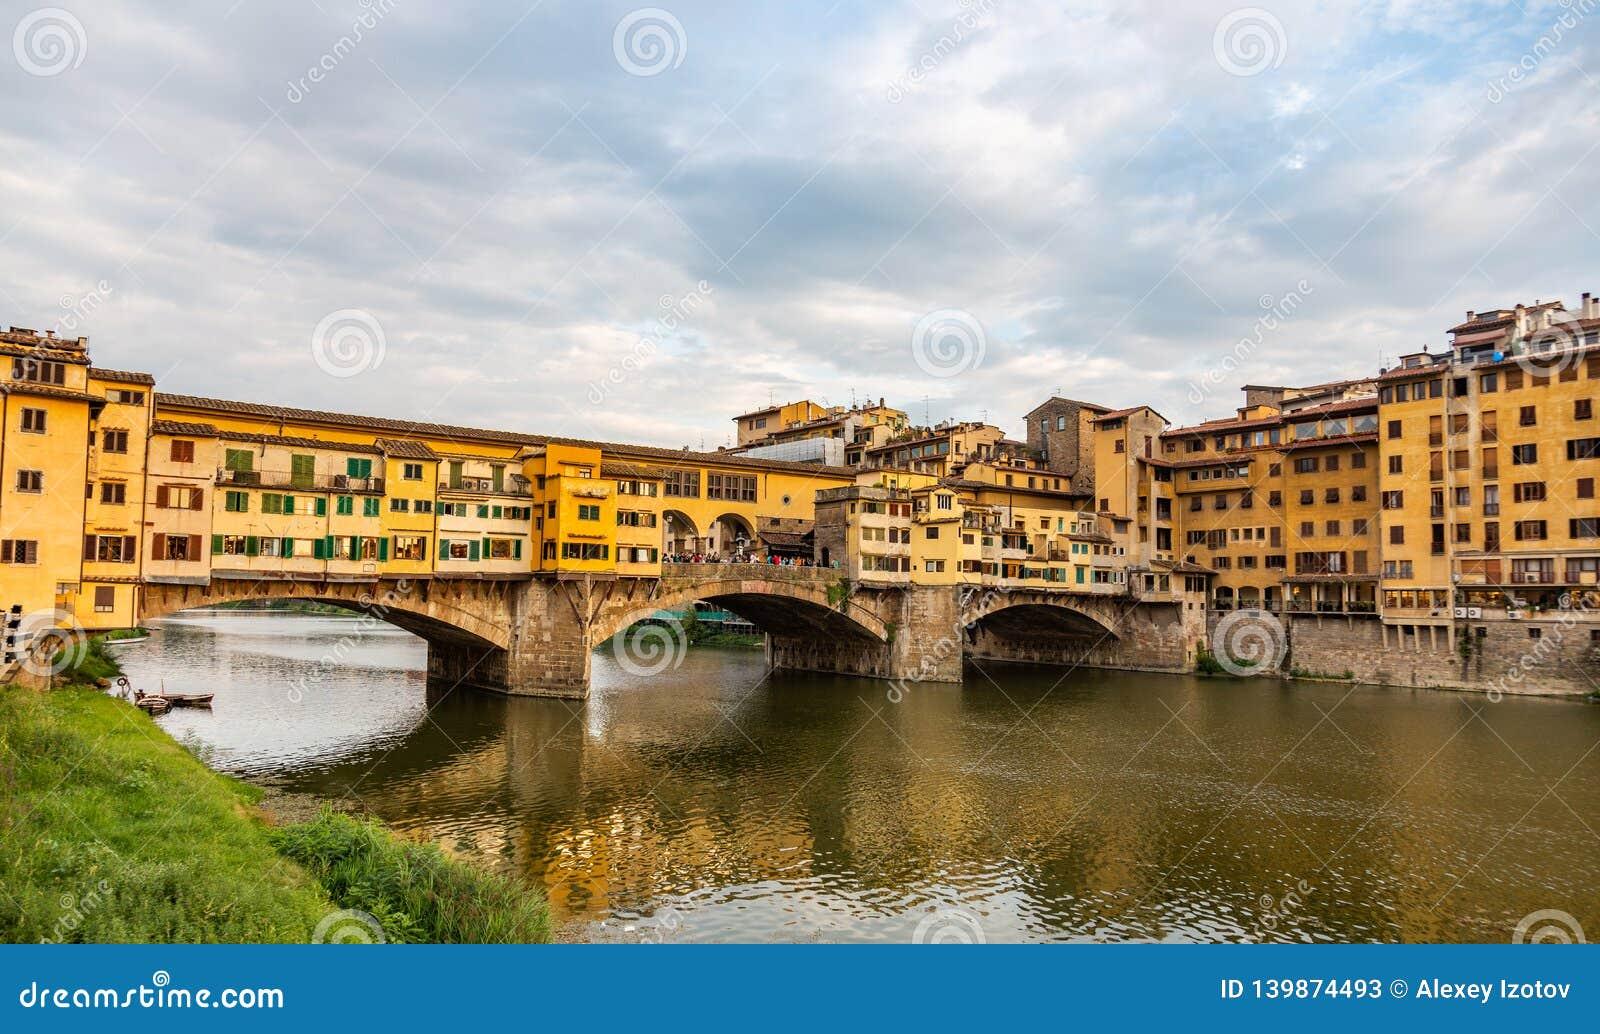 De oude brug van Ponte Vecchio met zijn vele juwelenopslag in Florence, Italië